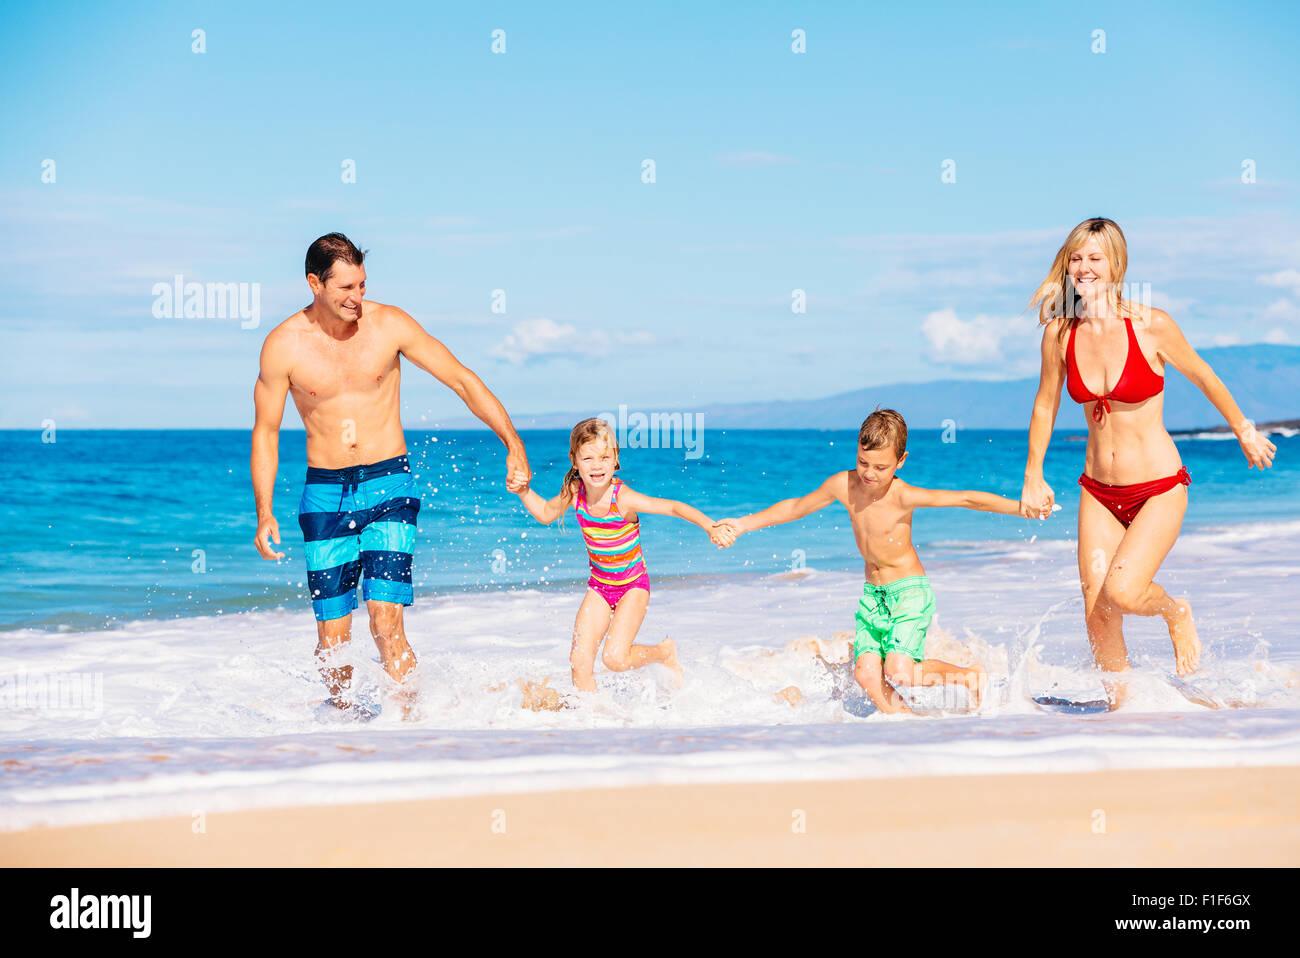 Urlaub mit der Familie. Glückliche Familie, die Spaß an schönen warmen sonnigen Strand. Sommer im Stockbild